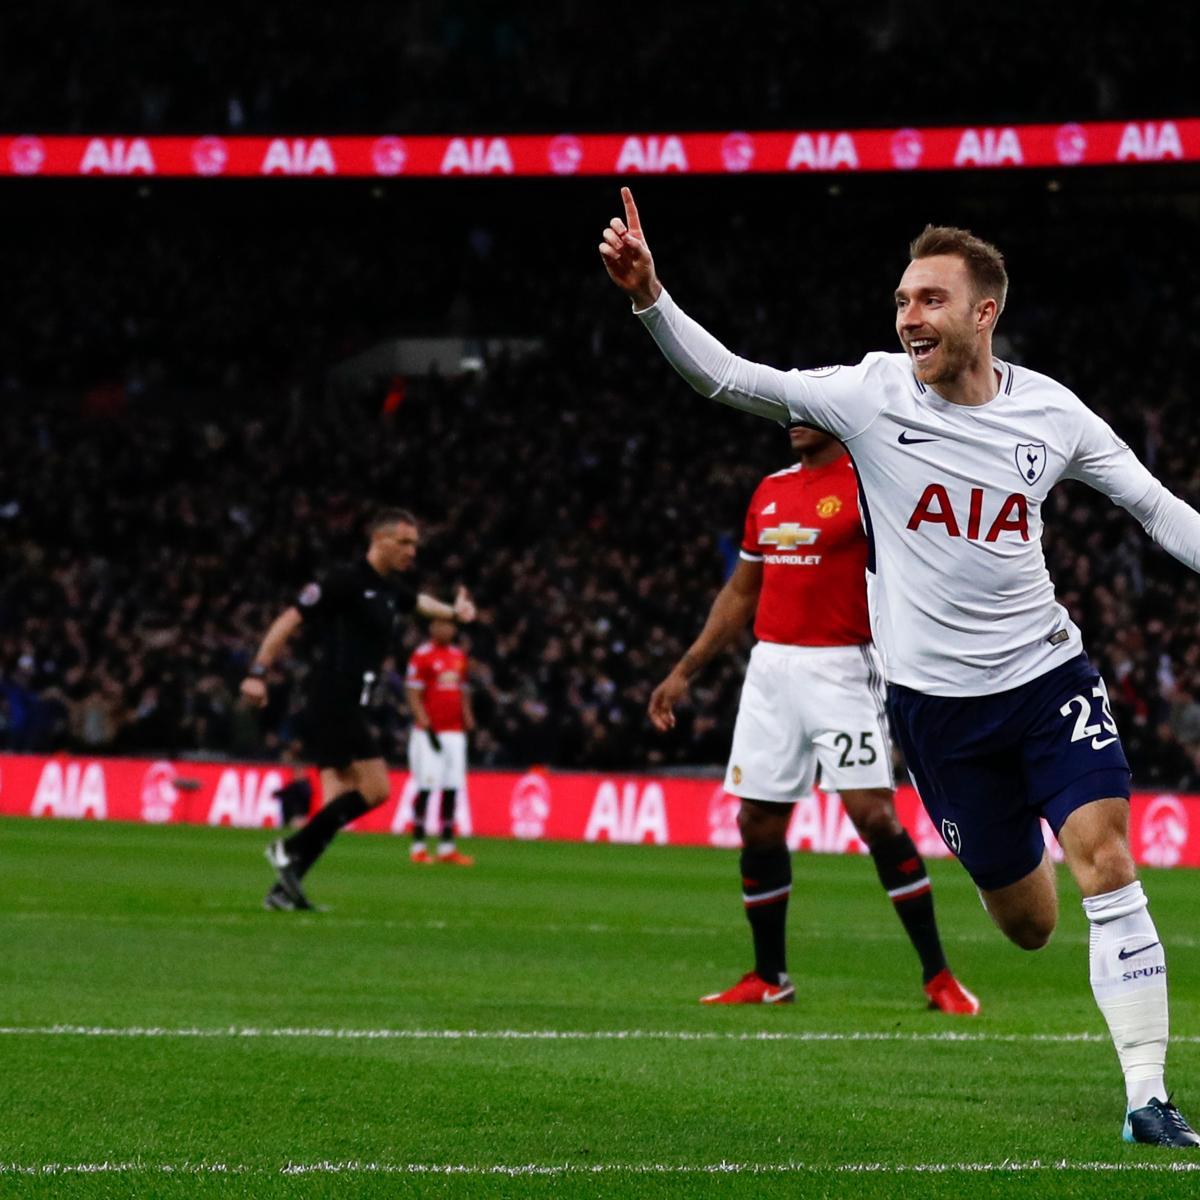 Tottenham Hotspur Vs Man United Tickets: Manchester United Vs. Tottenham: FA Cup 2018 Preview, Live